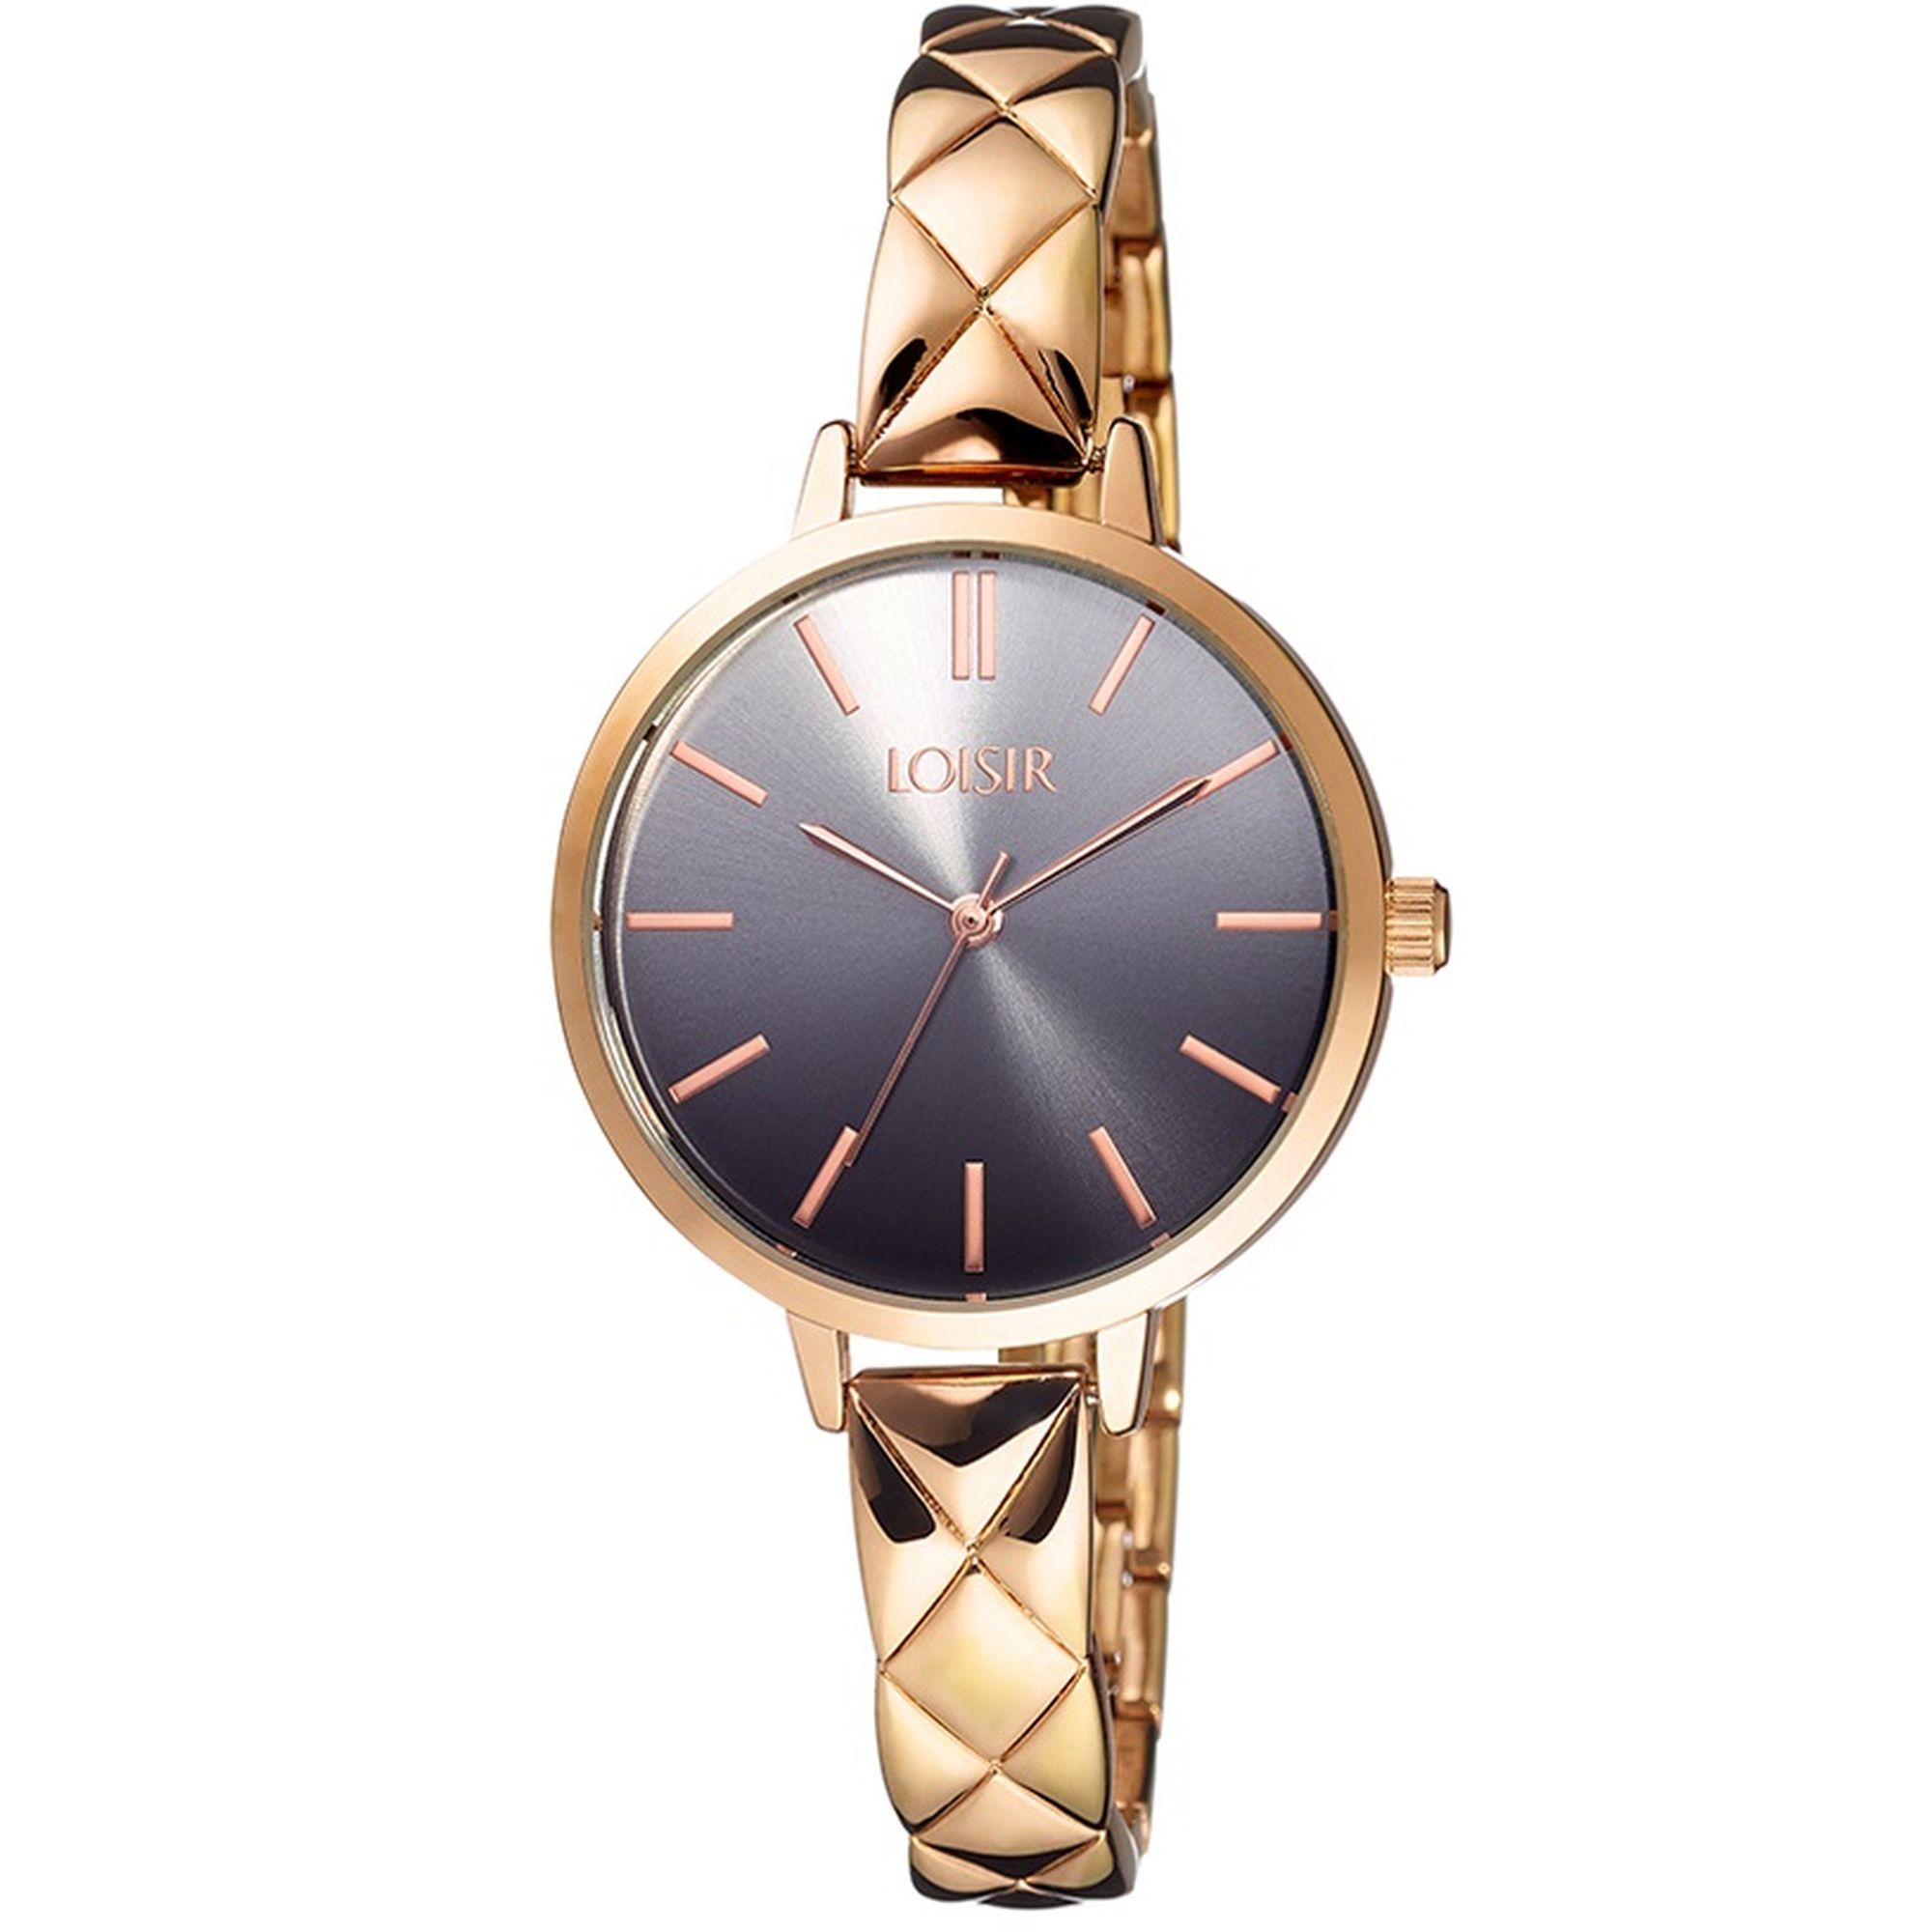 ρολόι, γυναικείο ρολόι, Loisir, Loisir ρολόι